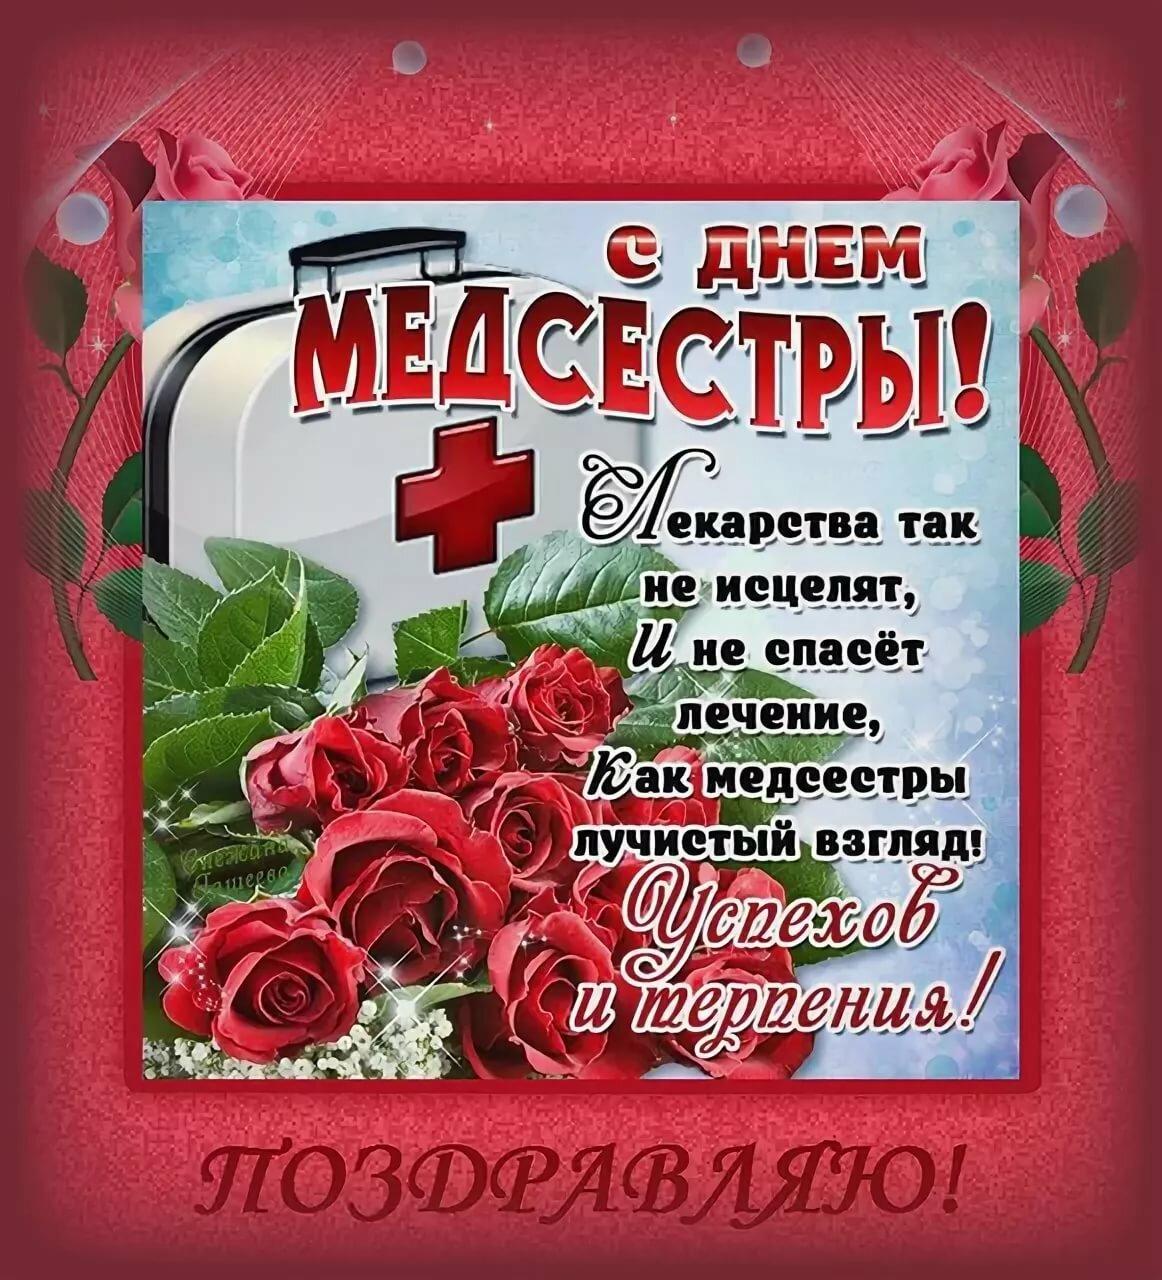 Поздравления с международным днем медицинской сестры в стихах и прозе